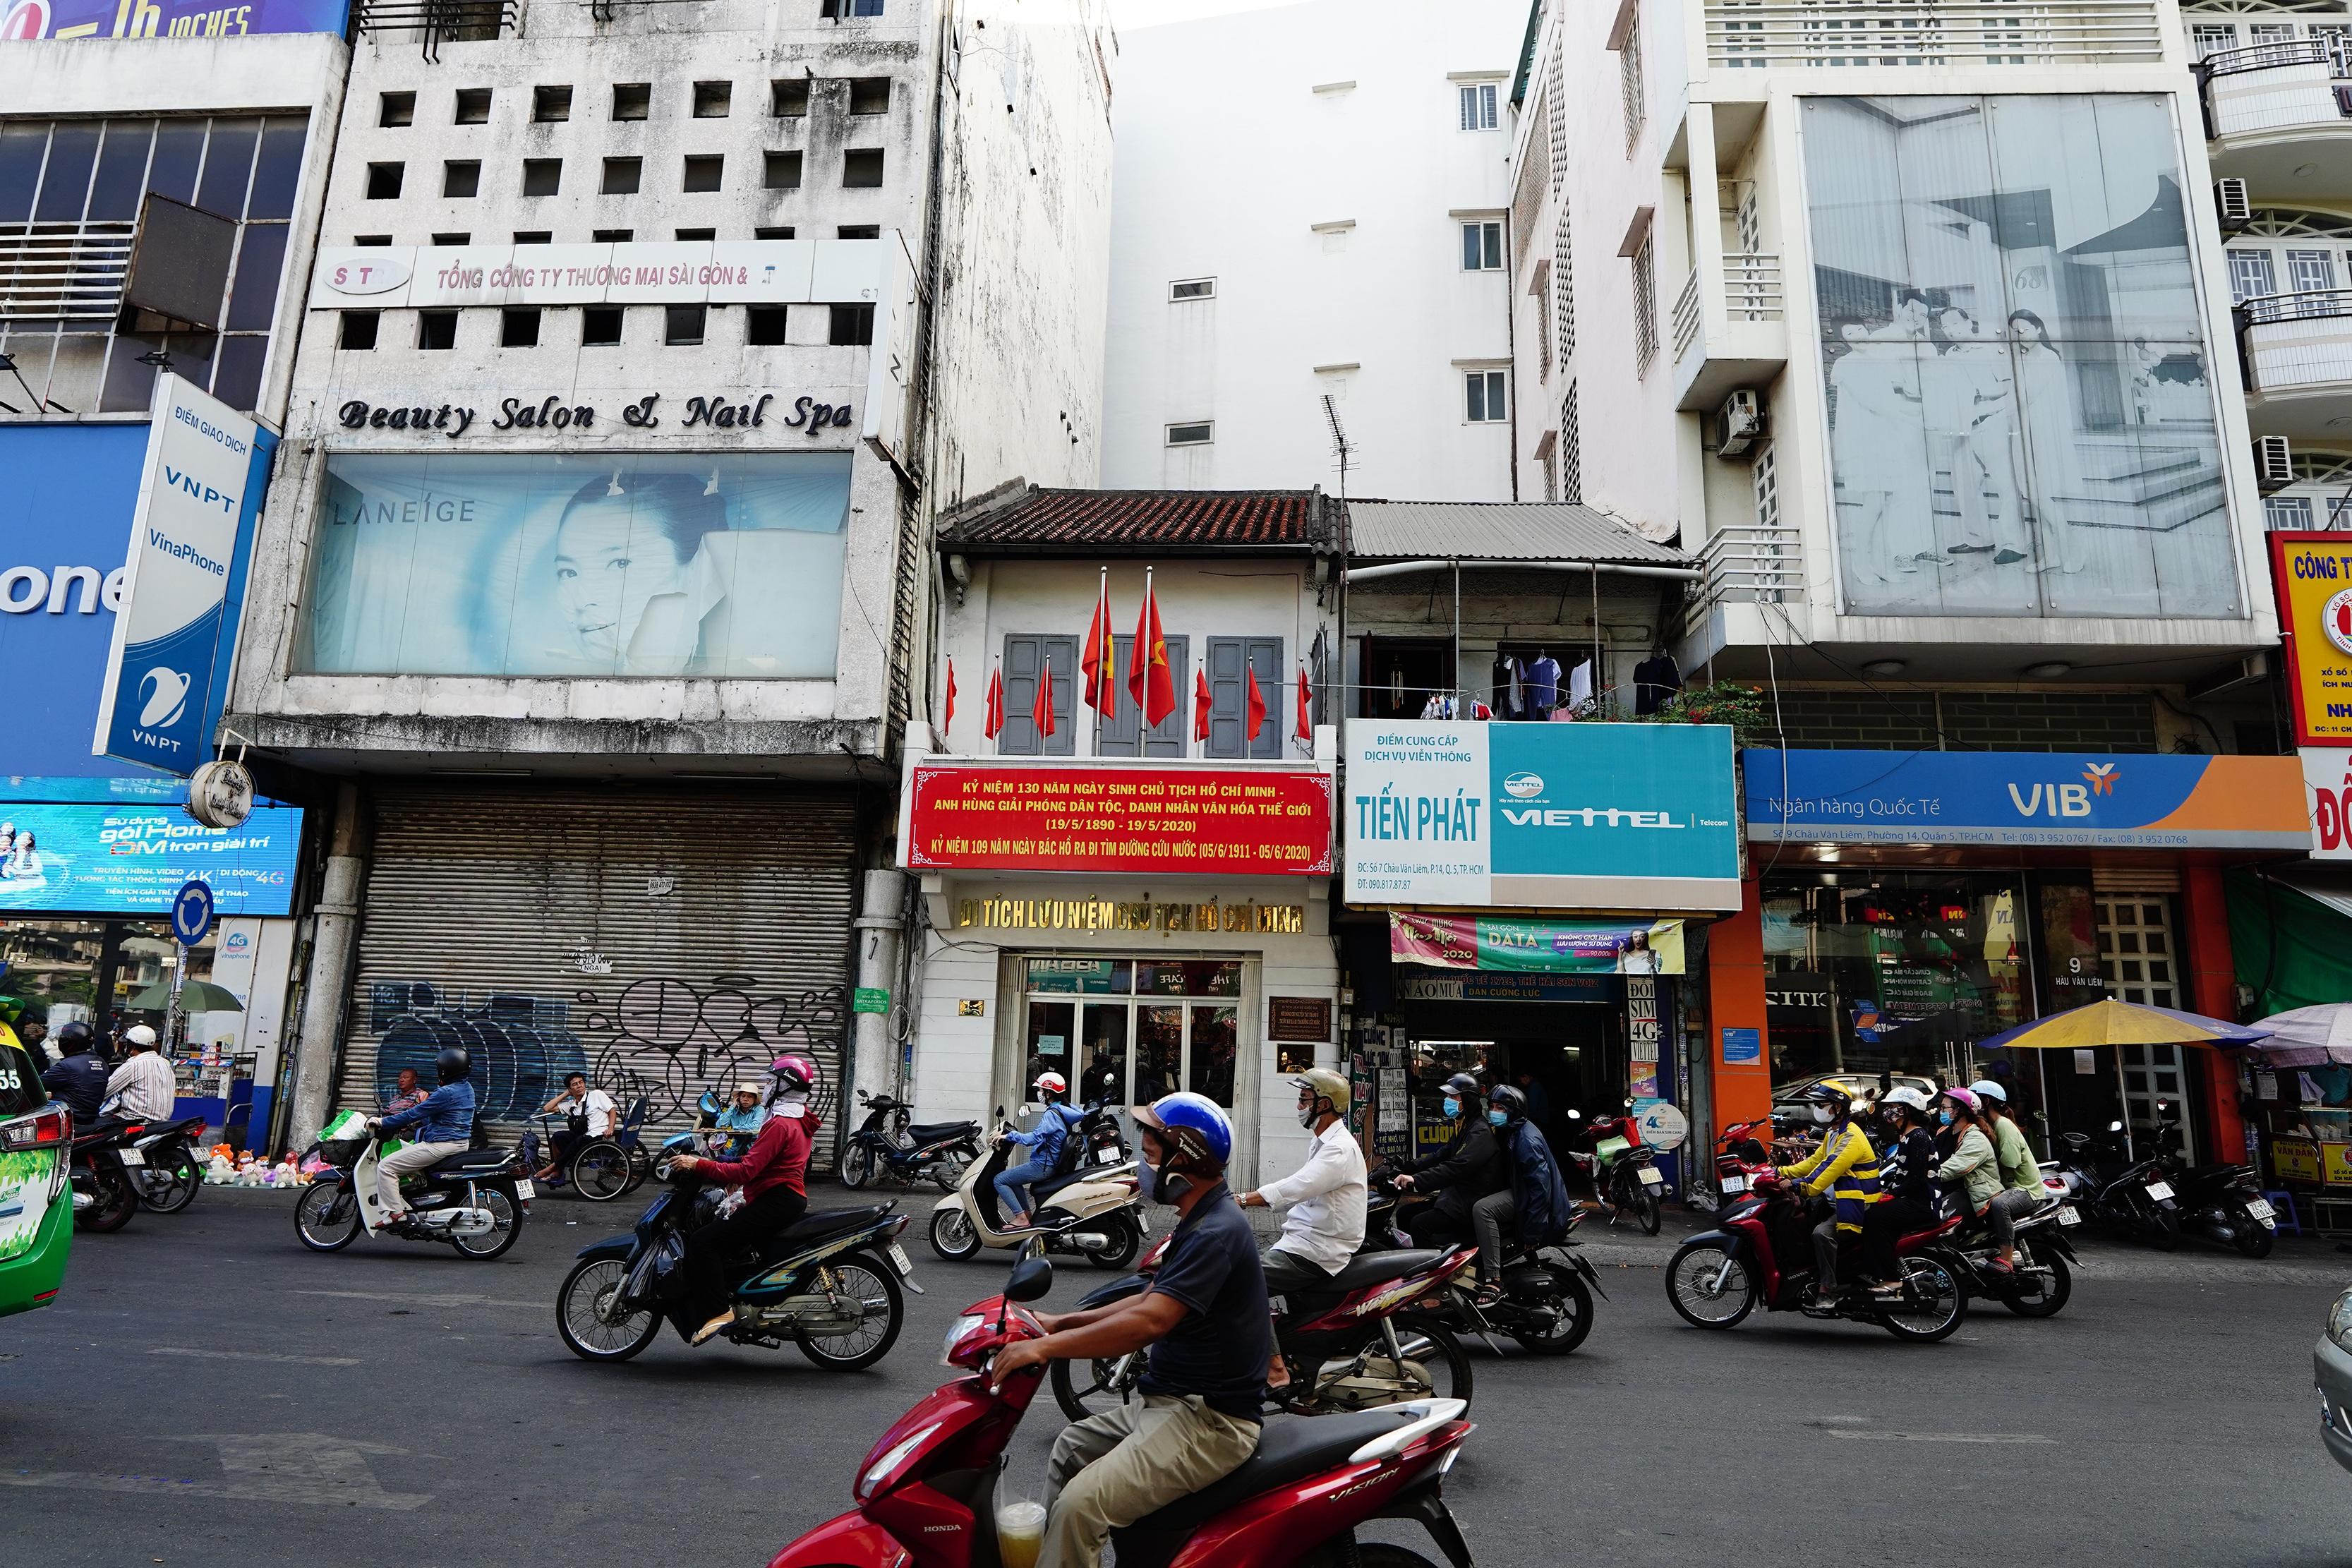 Chốn đi về của chàng trai trẻ Nguyễn Tất Thành ở Sài Gòn - 2